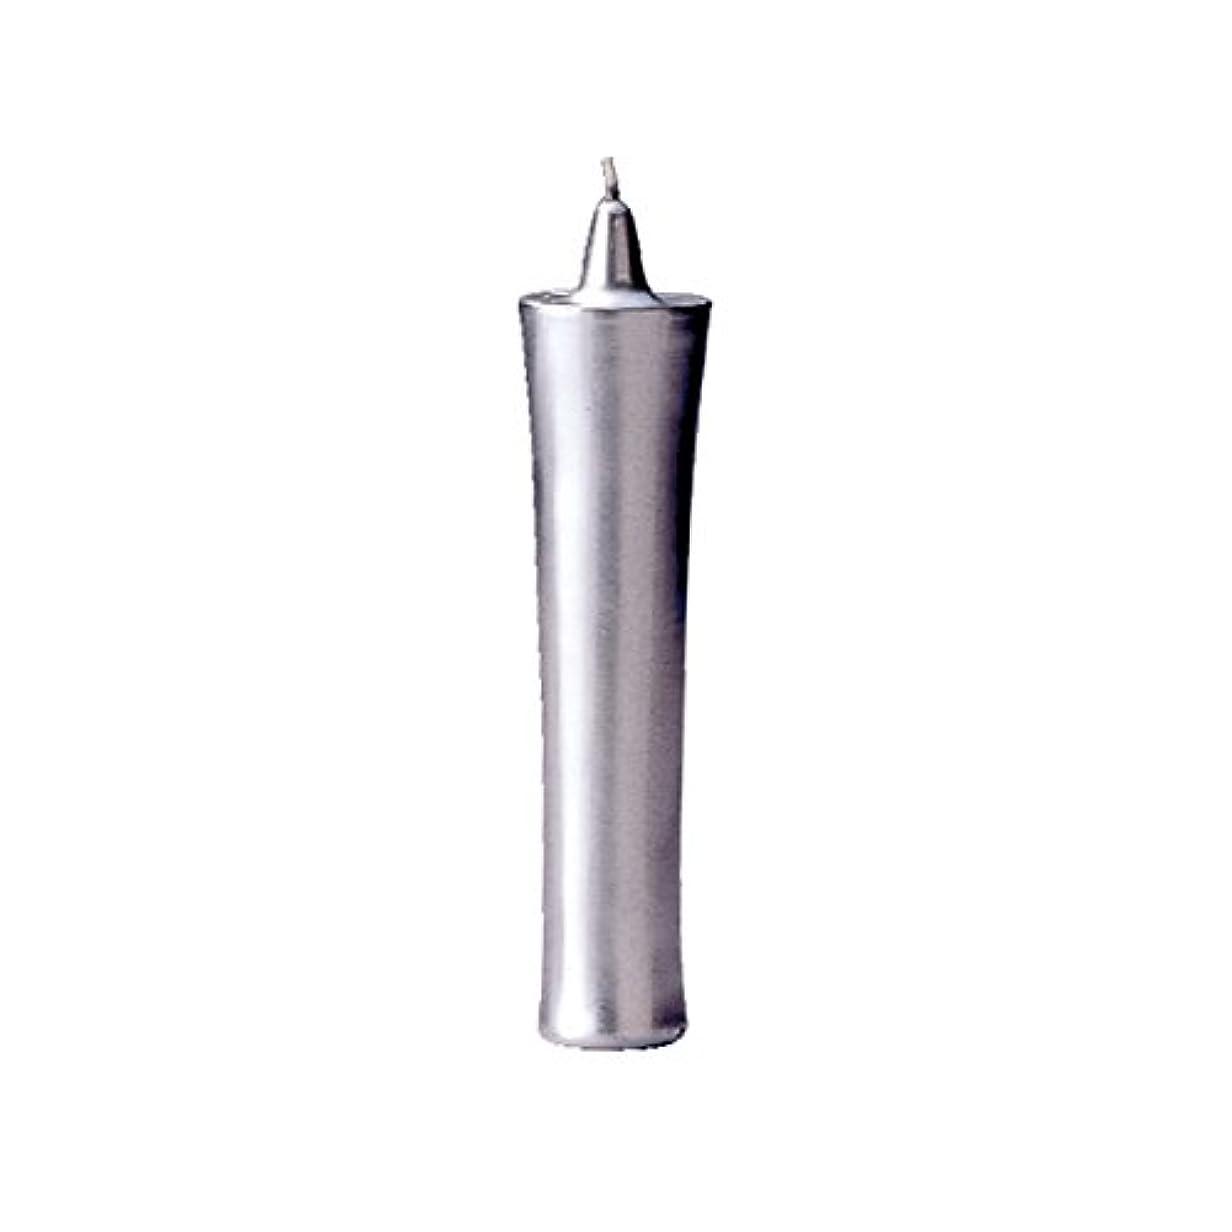 現像ソブリケット反逆者カメヤマ 和ロー型(C)銀 22cm (1セット)